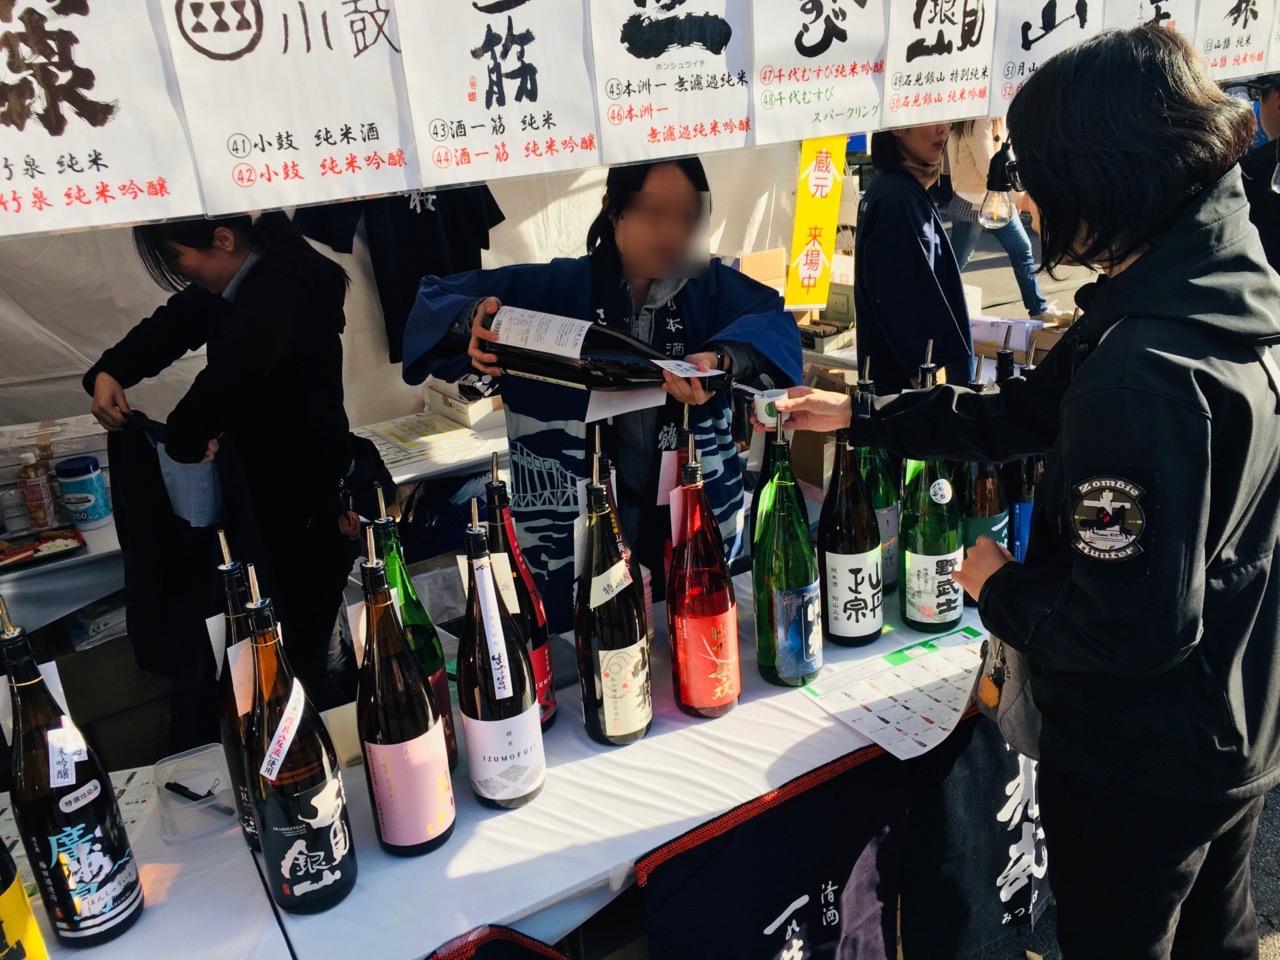 日本酒を振る舞うブースも。鍋には合うね!